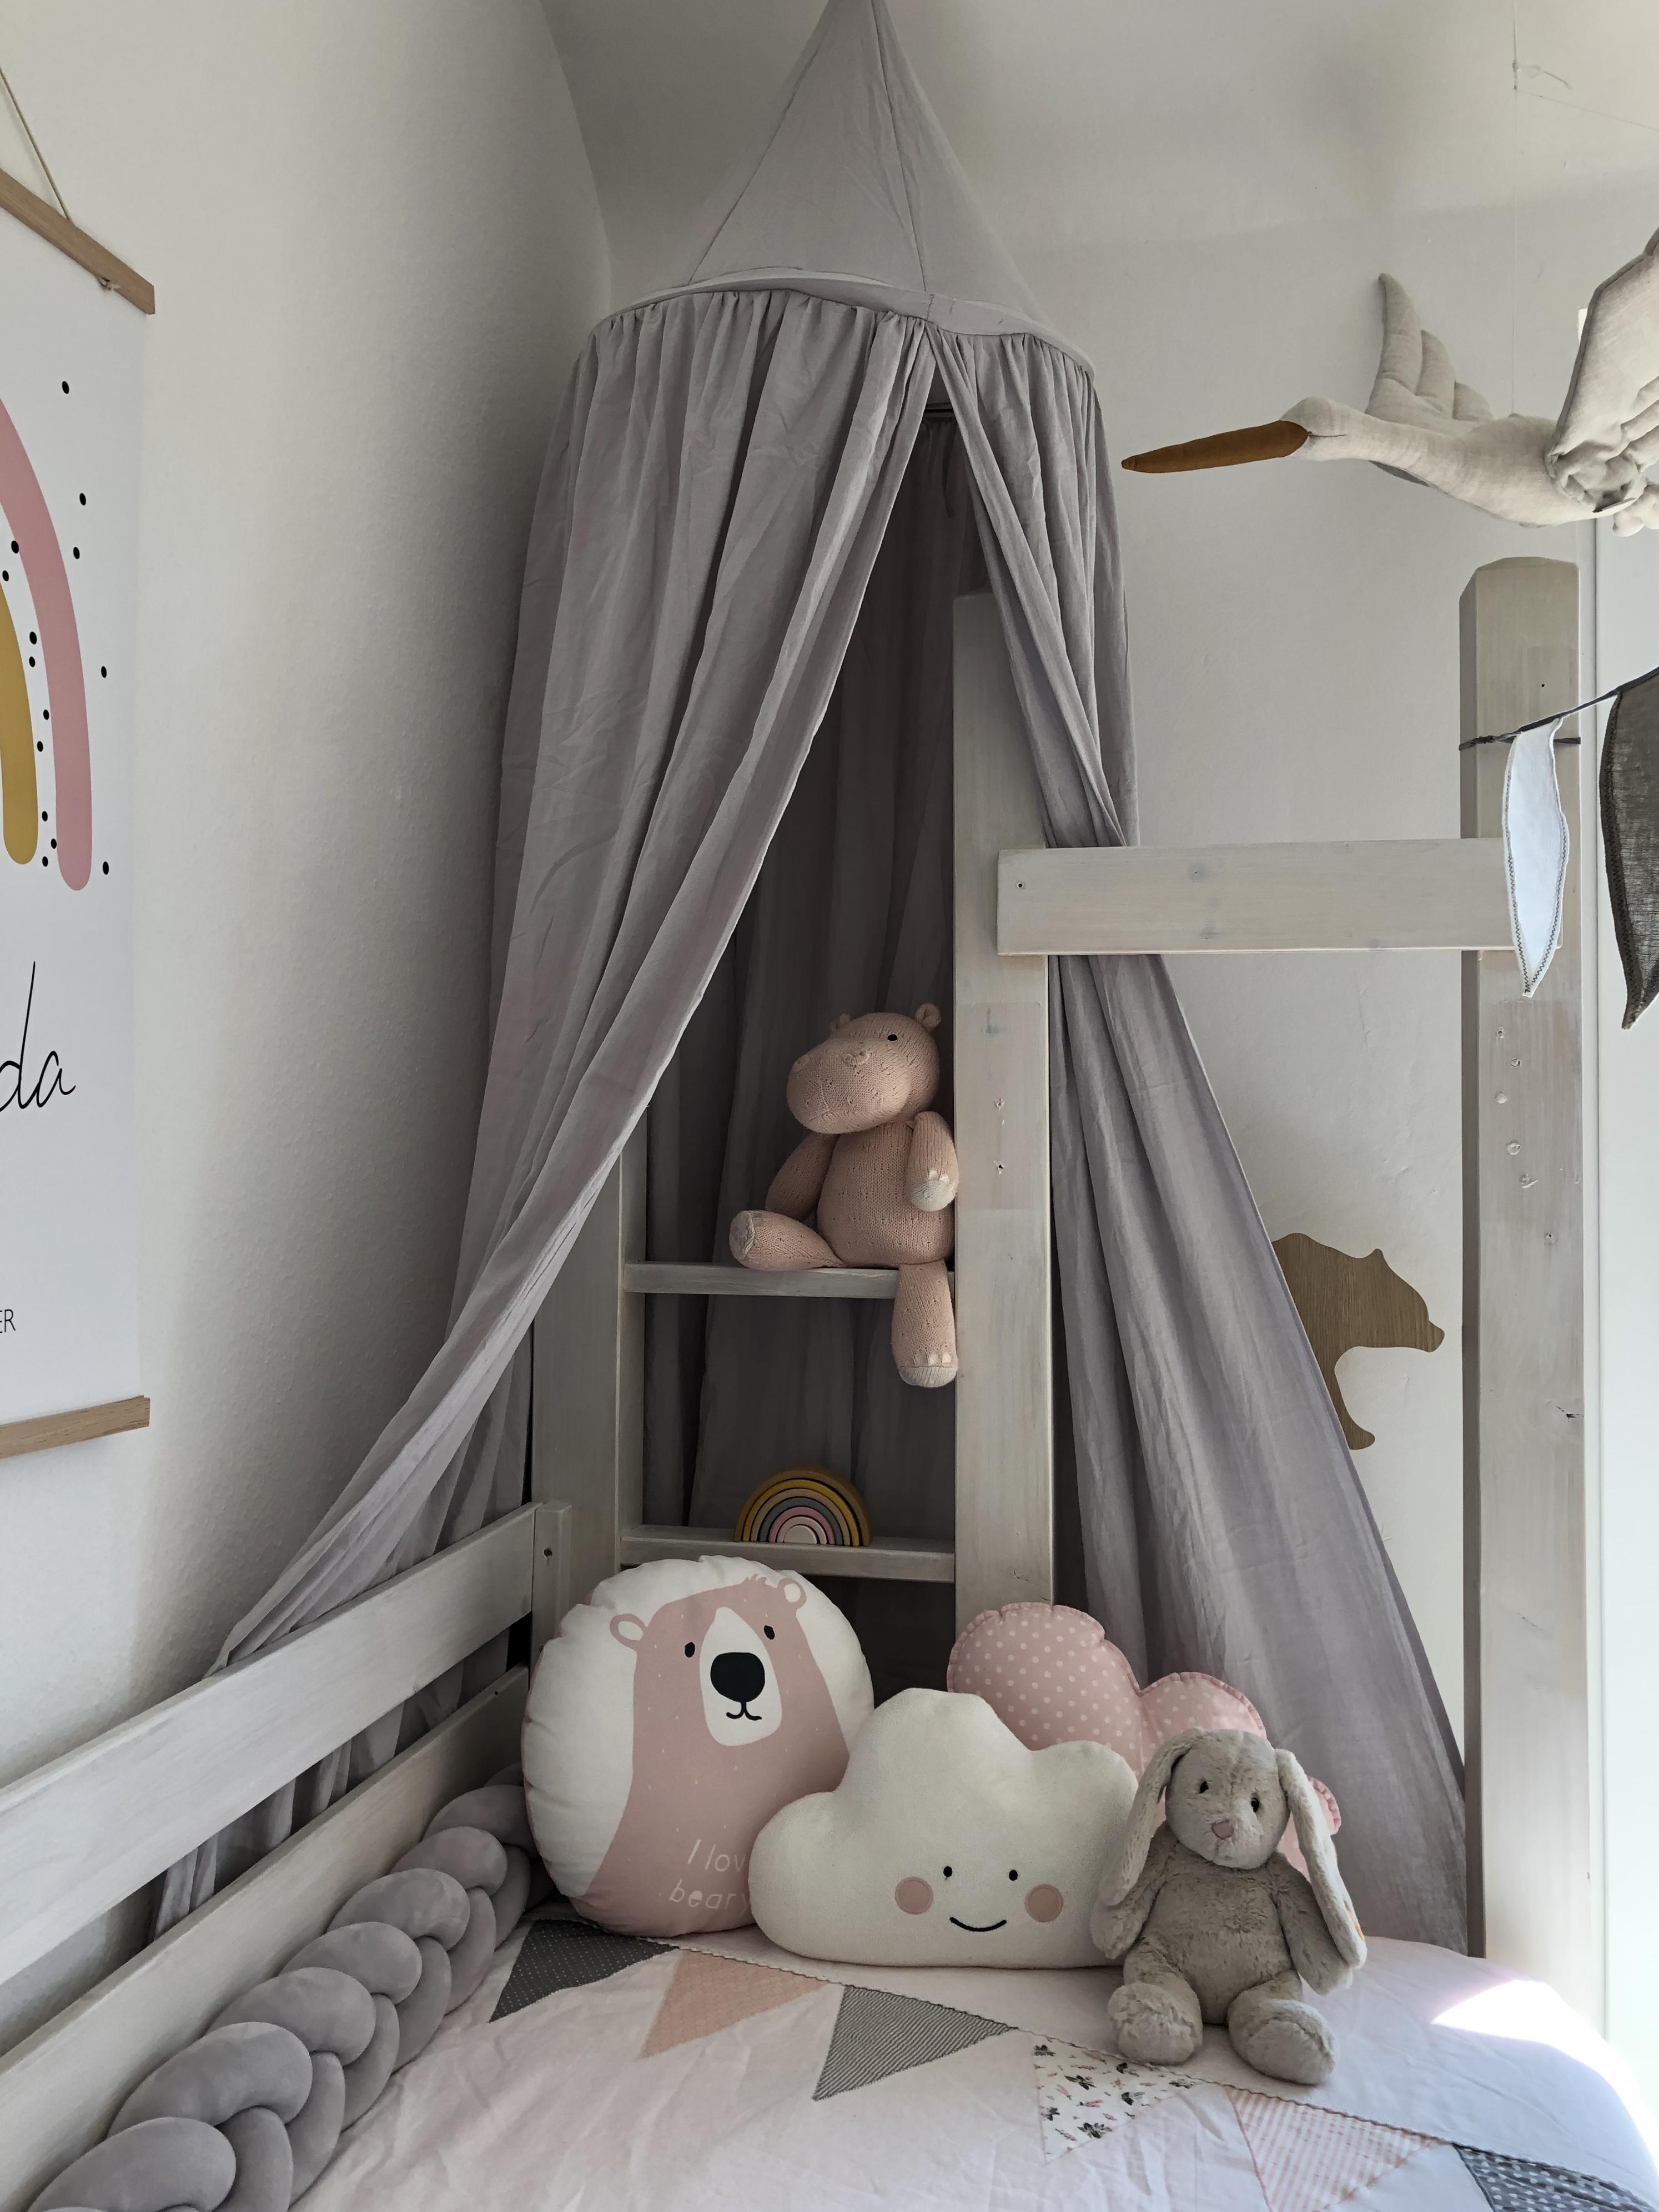 Kinderzimmer Mädchen -Homestory Beton trifft auf Glas. Weitere Wohnideen findest du bei desmondo.de